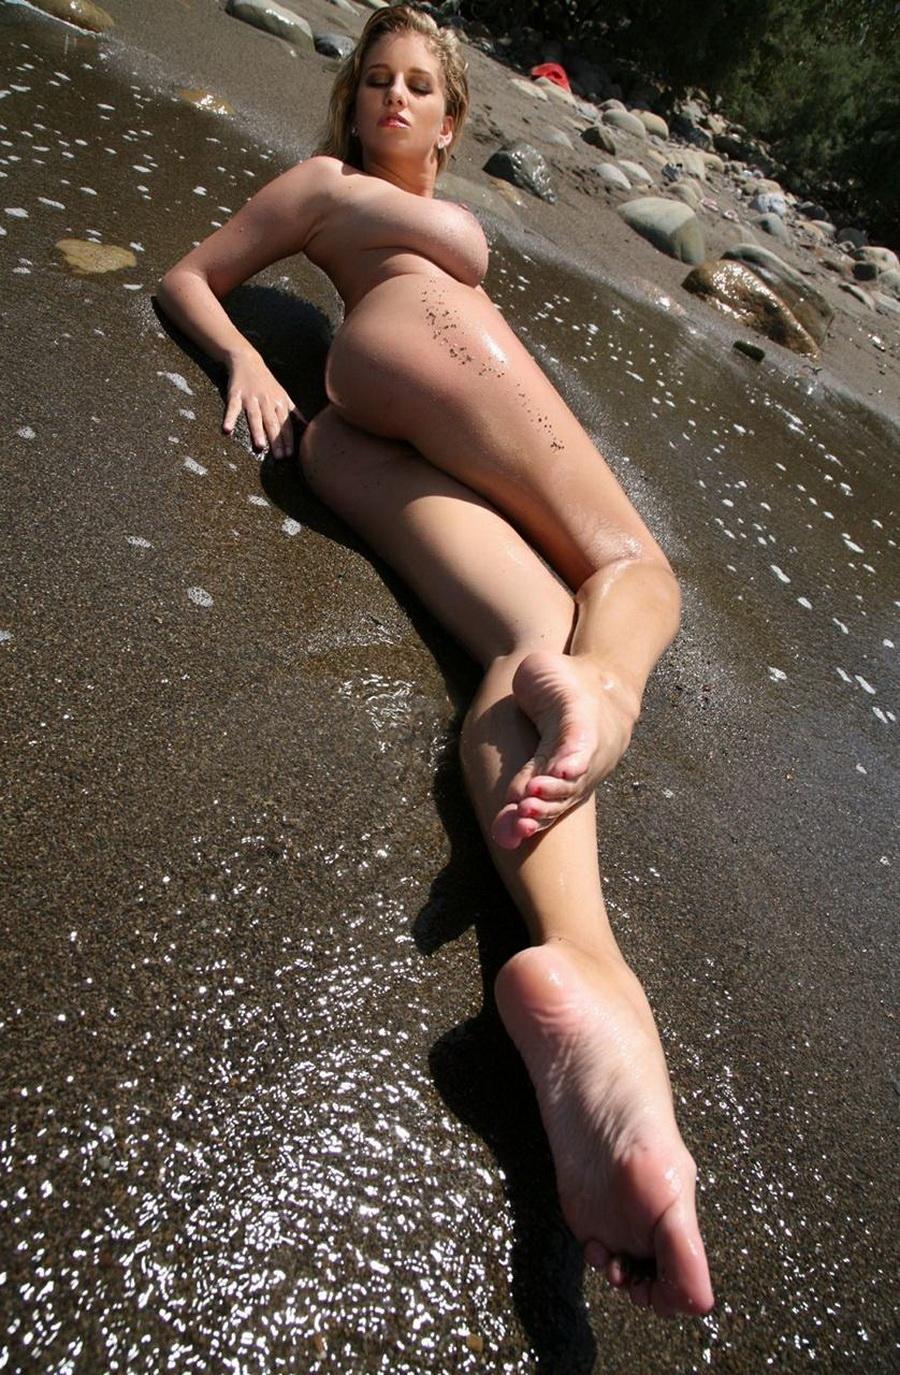 Повалялась на песочке (15 фото)